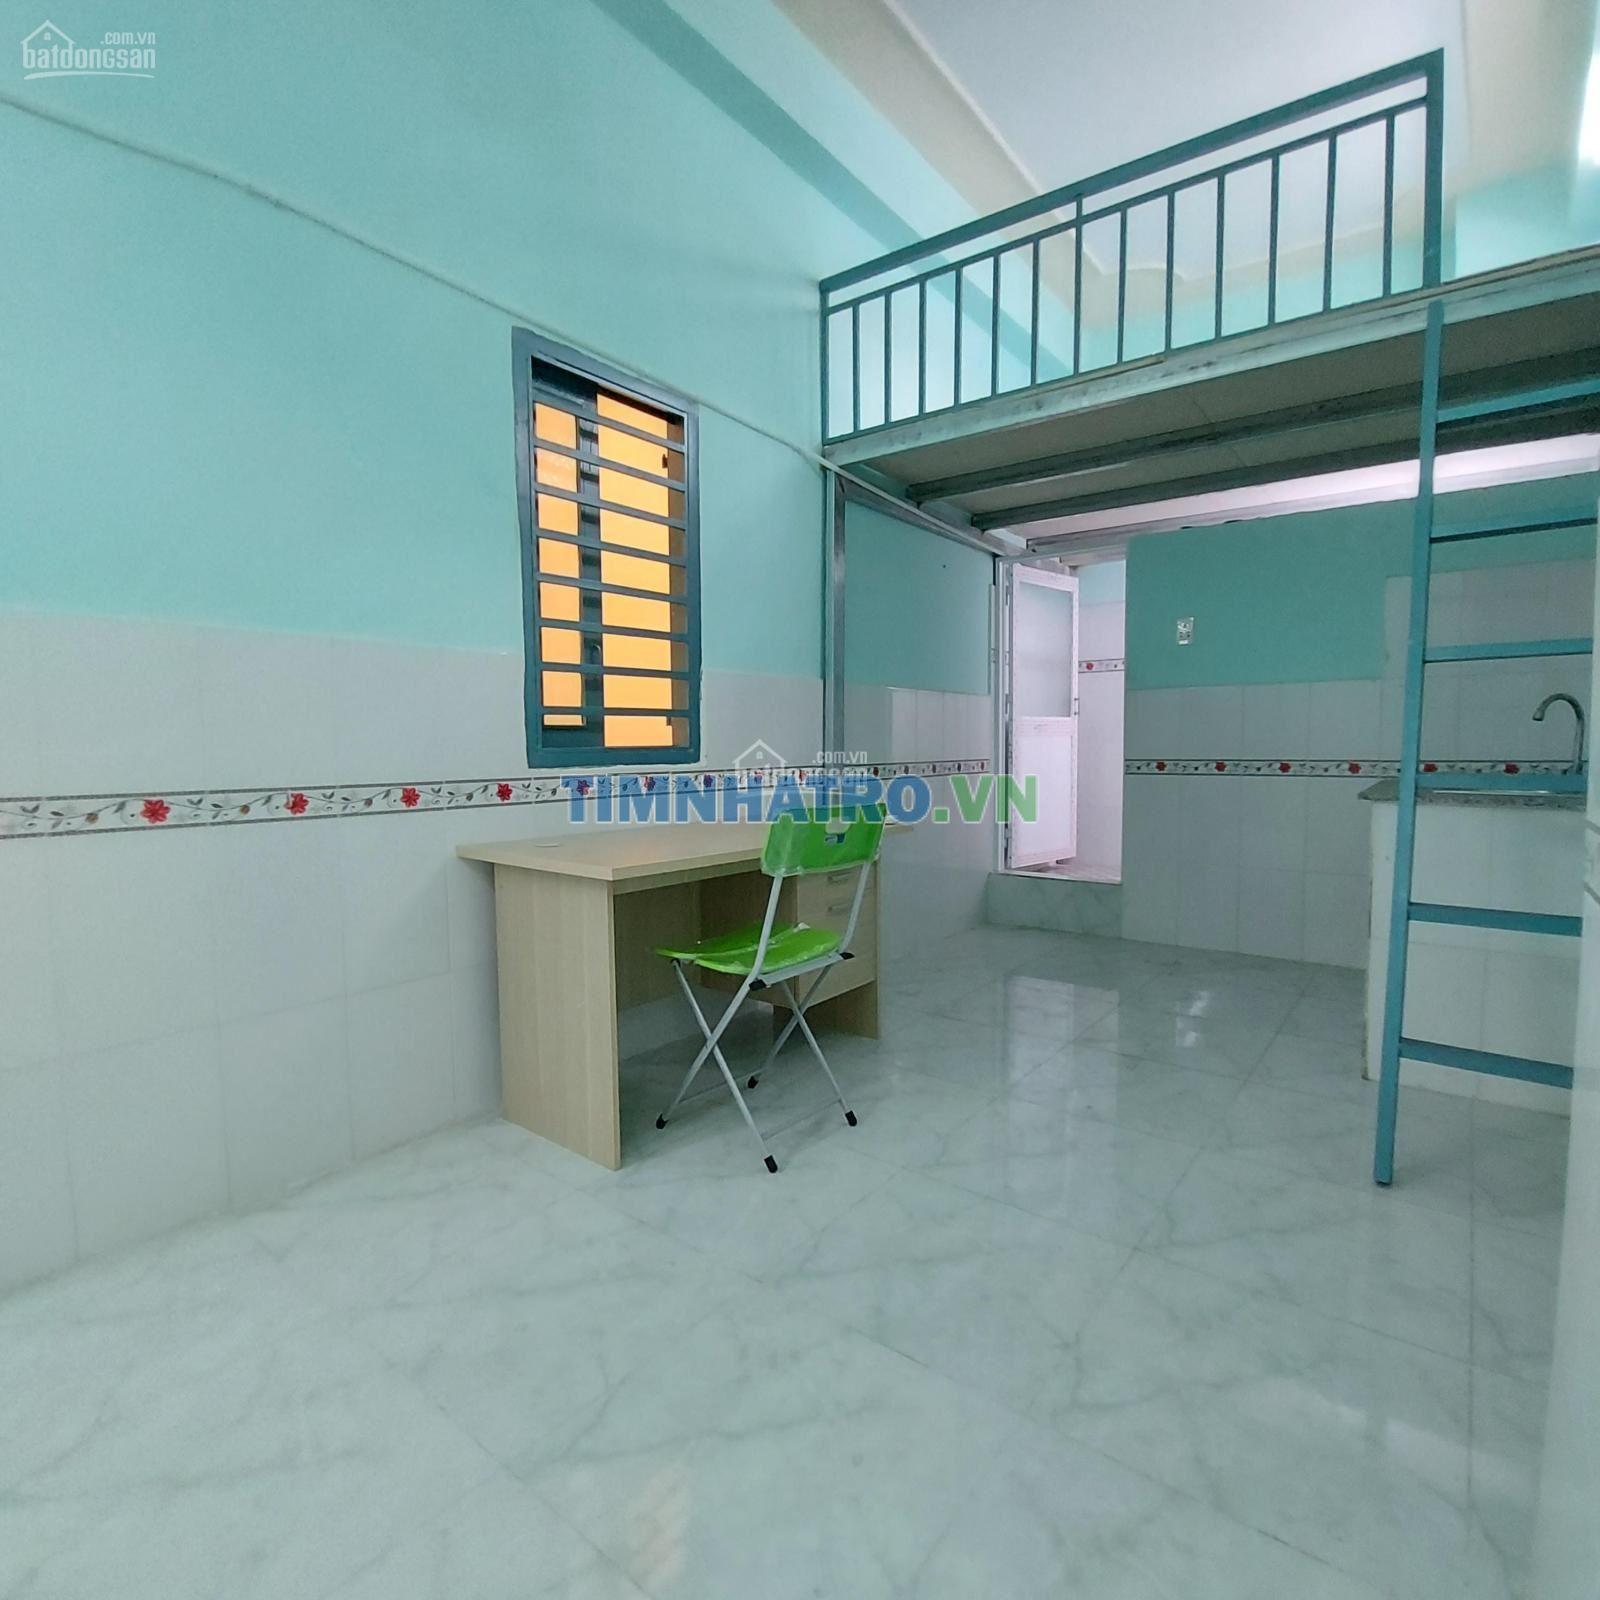 Phòng tiện nghi có gác, thang máy, 3.2tr, gần bigc trường chinh, etown ch, p. 13, tân bình